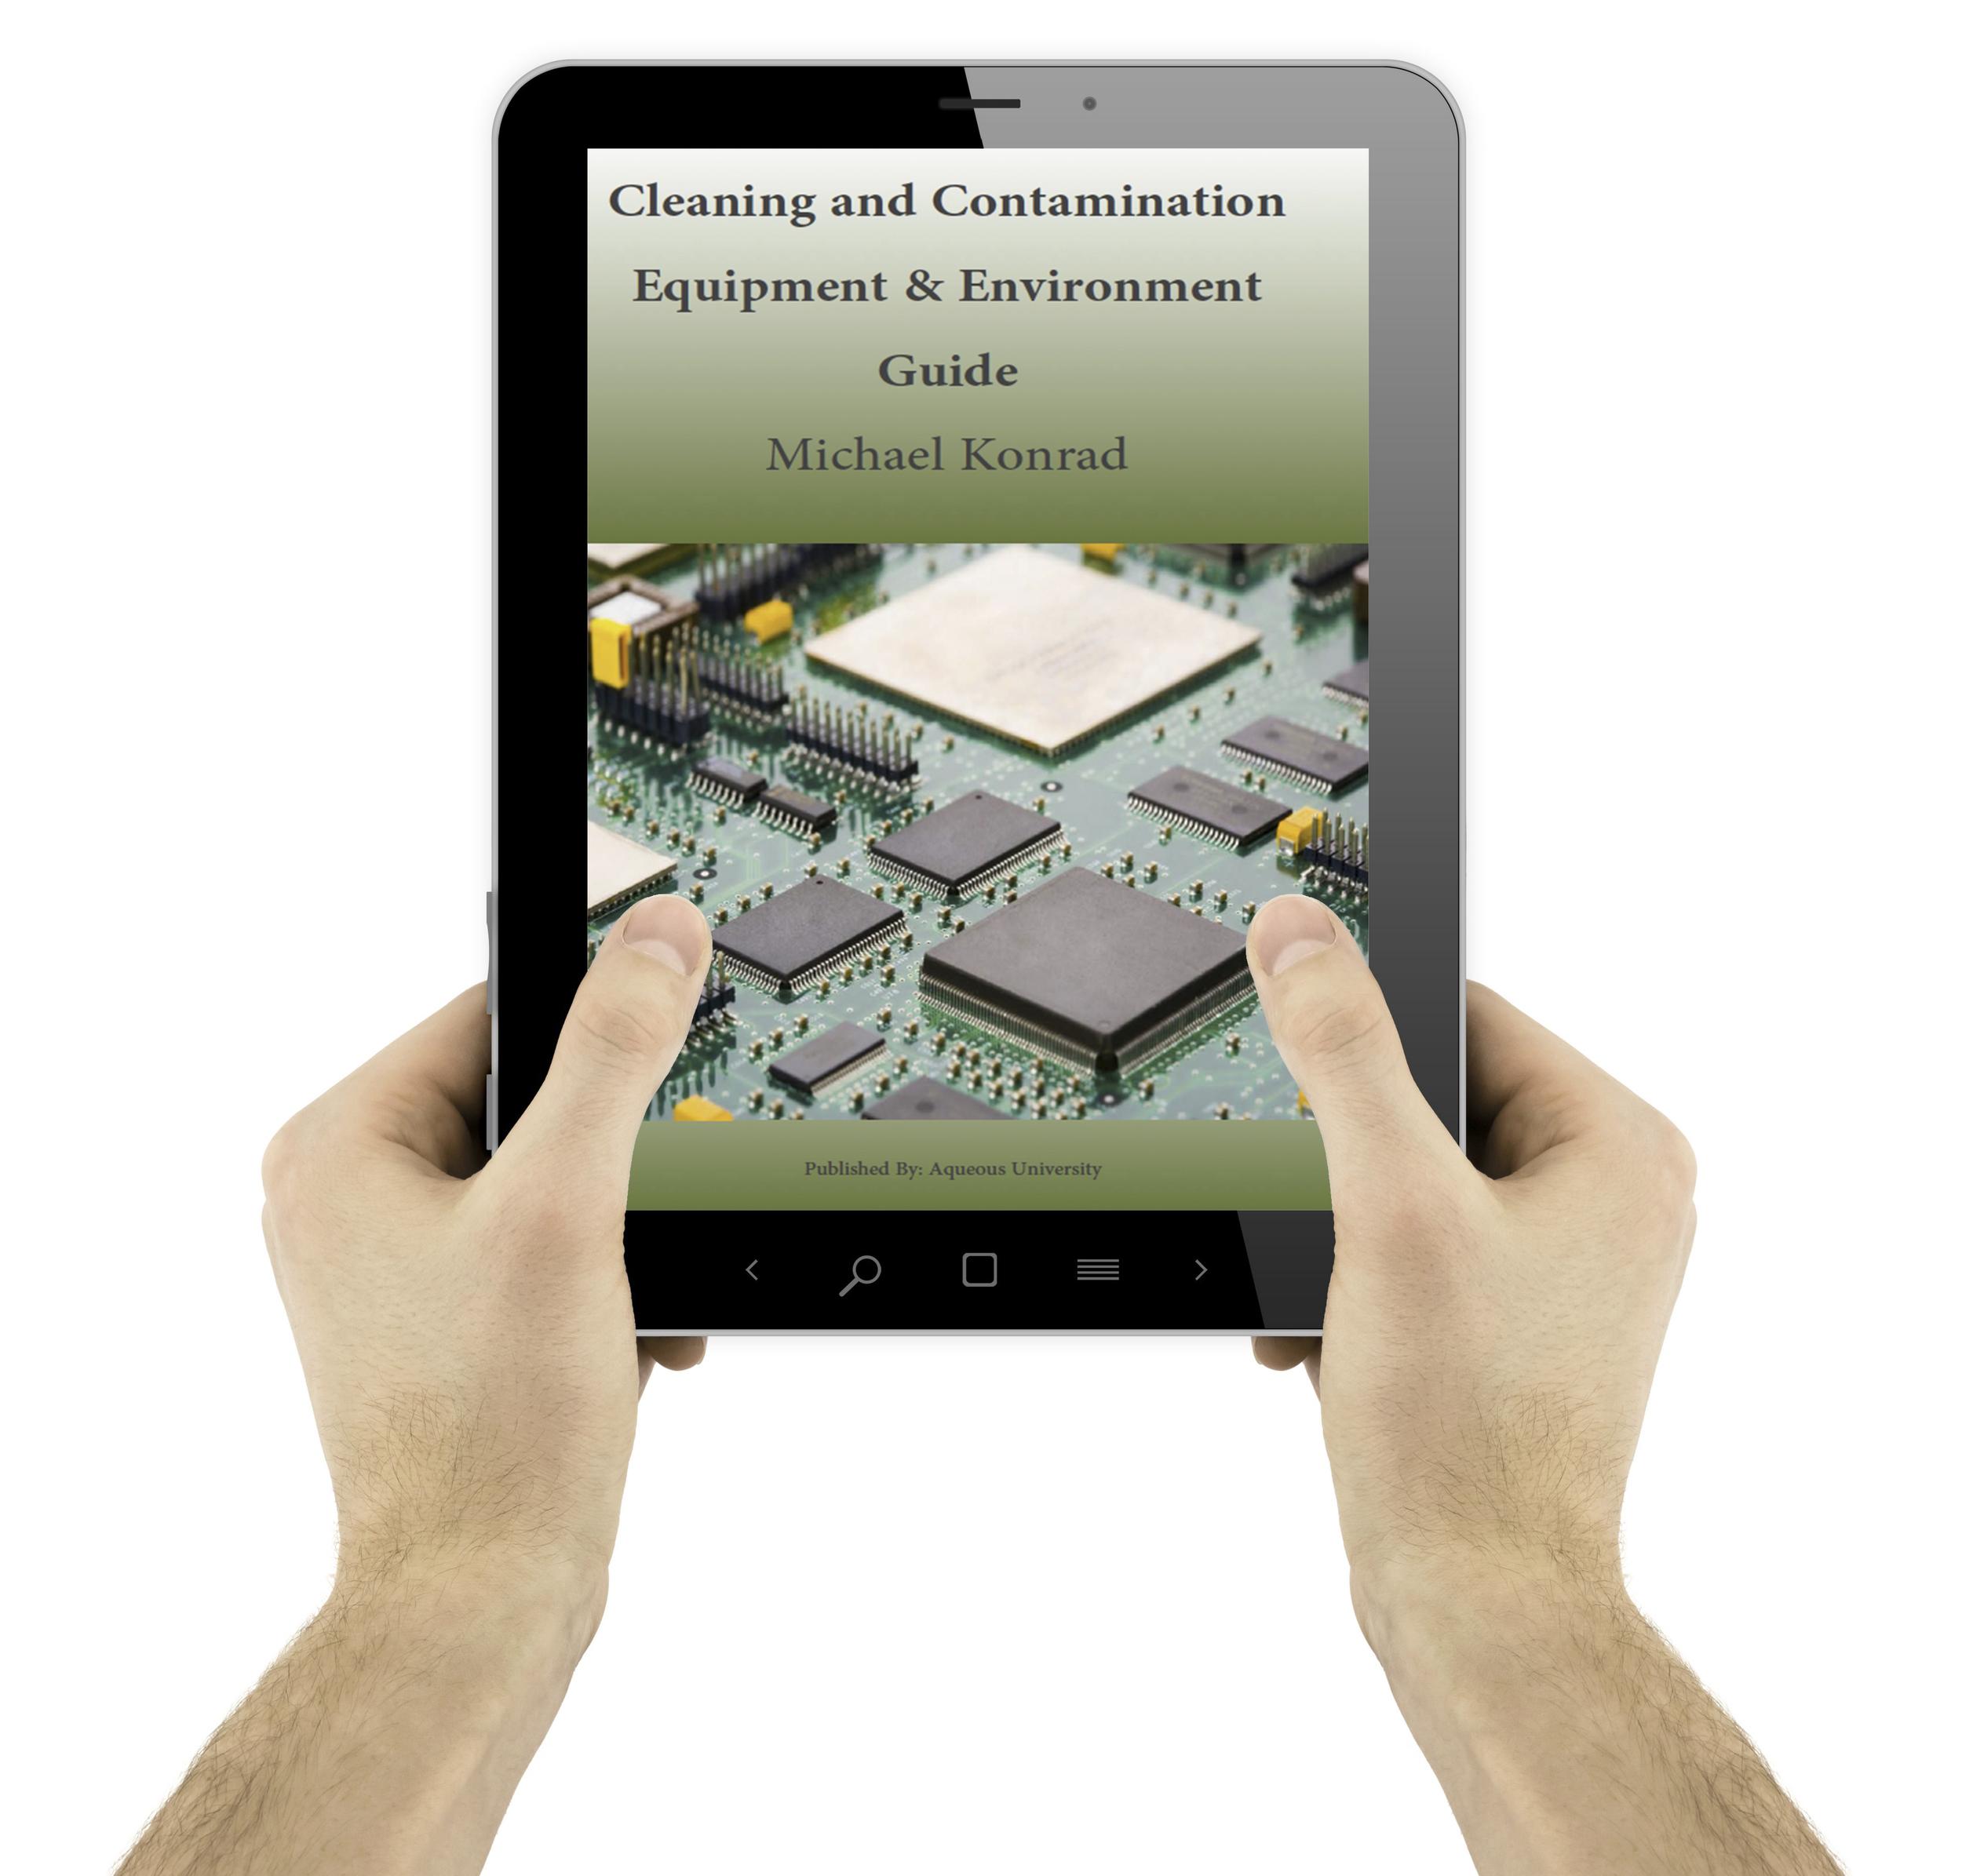 Book2 Ipad.jpg